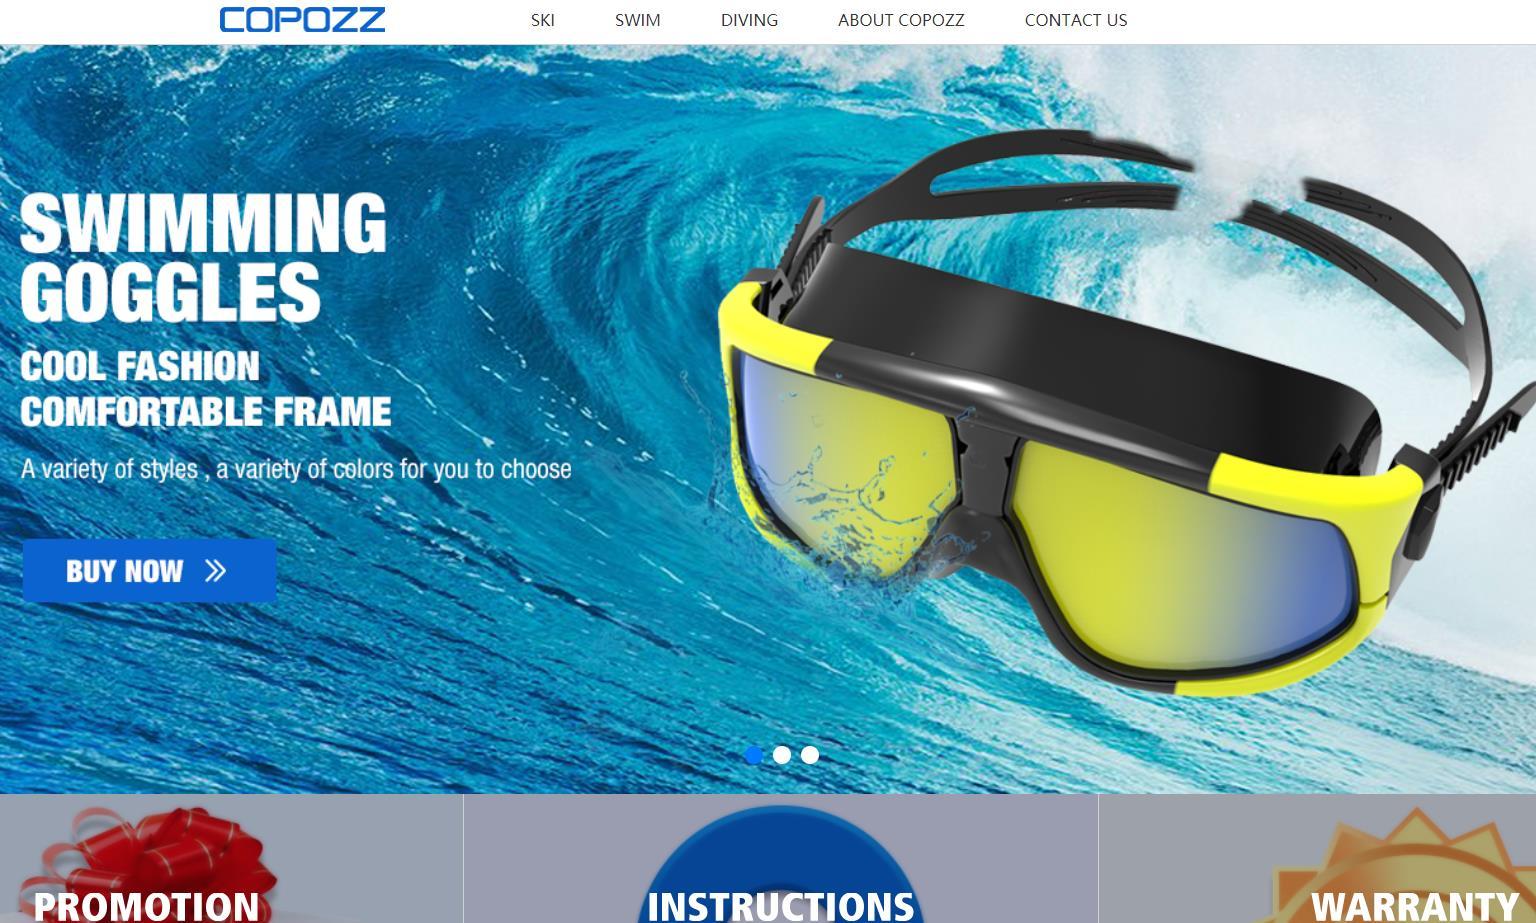 酷破者(COPOZZ)官网 酷破者户外运动品牌官方旗舰店